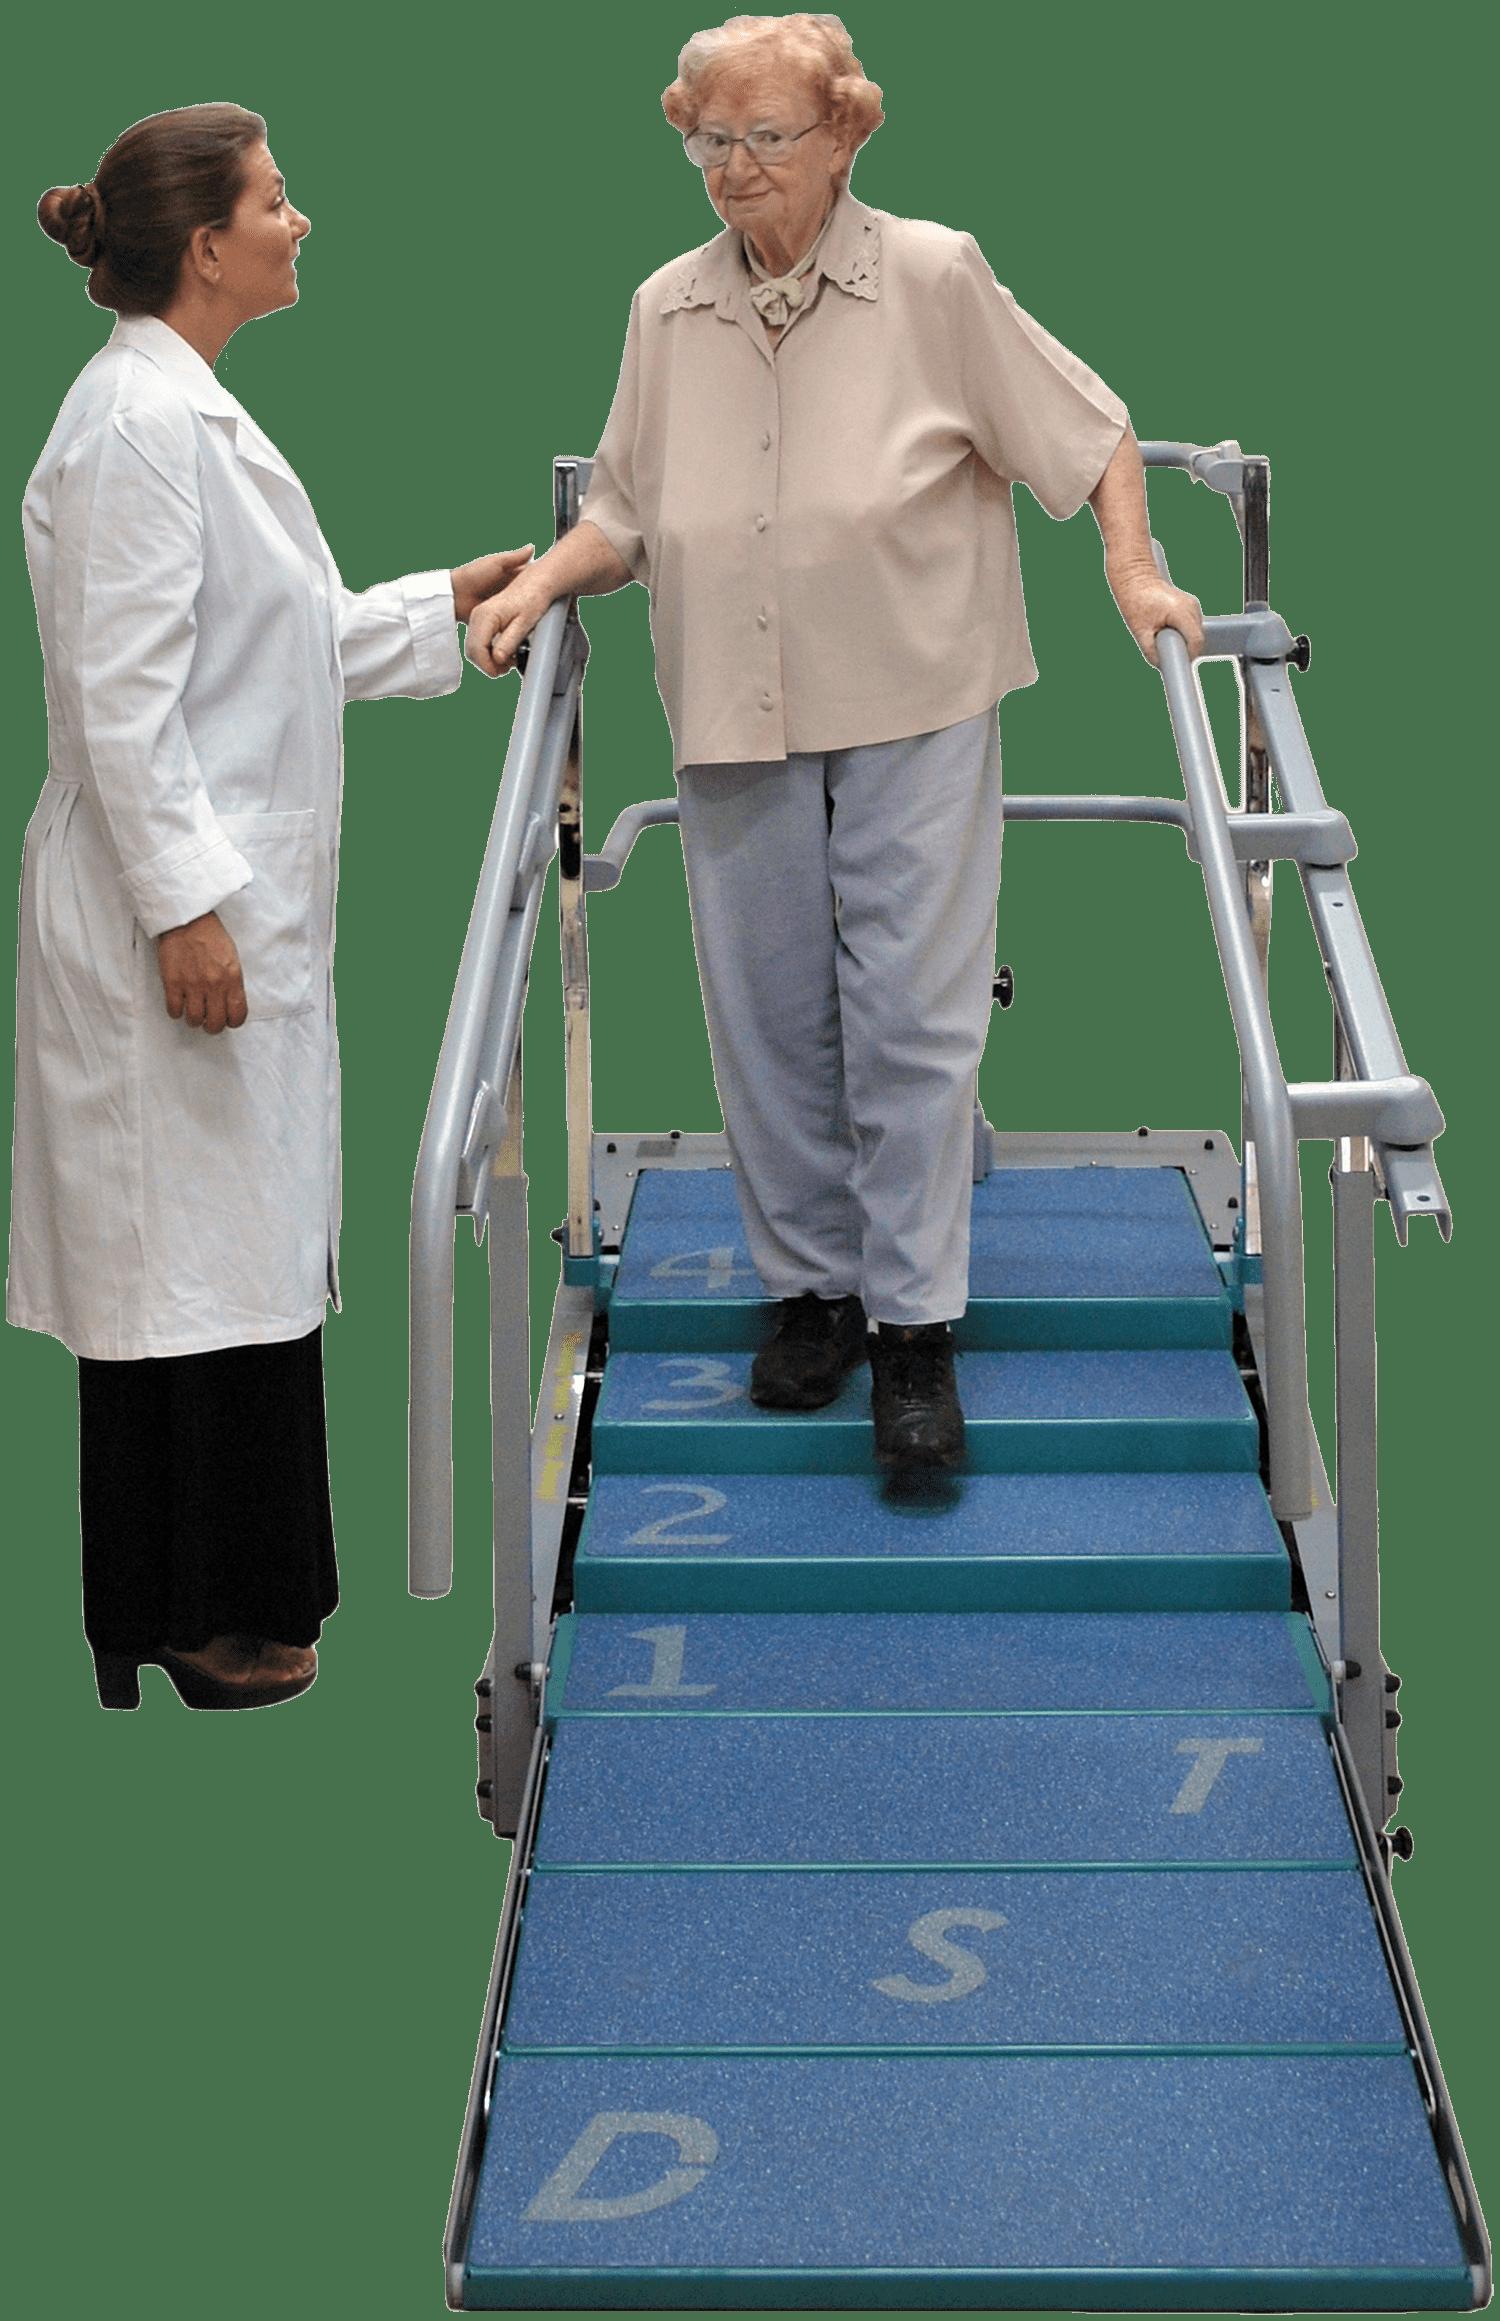 Dynamic Stair Trainer mit Dame auf Therapietreppe